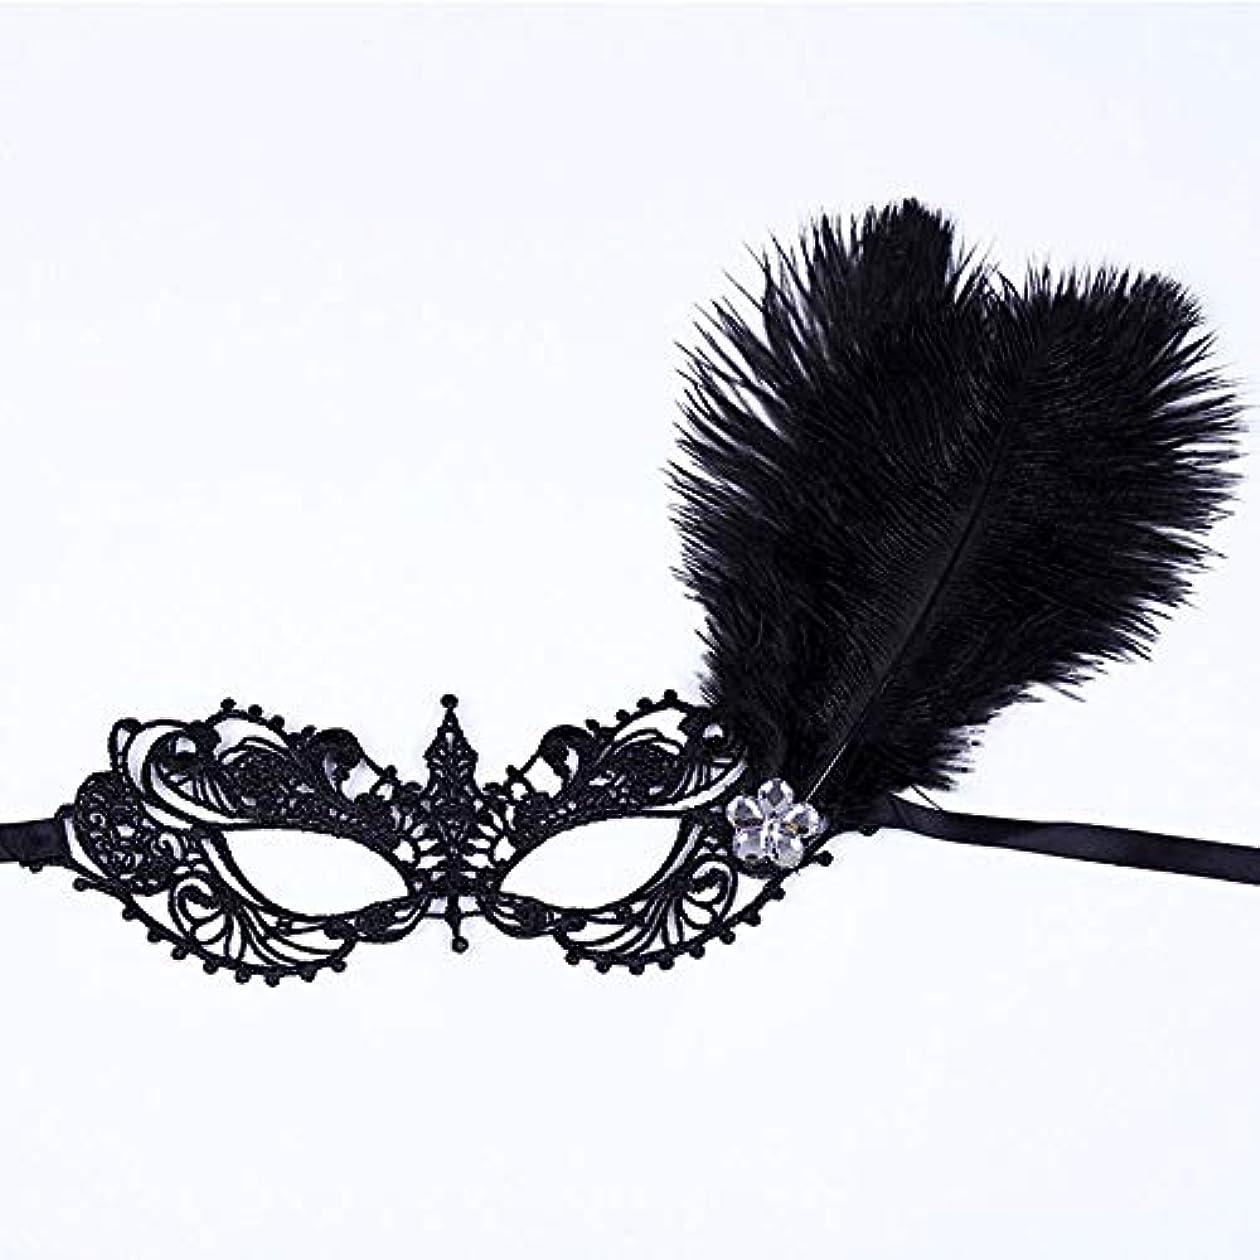 勃起滅びる日付ハロウィンマスクマスク仮面舞踏会レースマスクキャットウォークパーティーセクシーマスクブラック